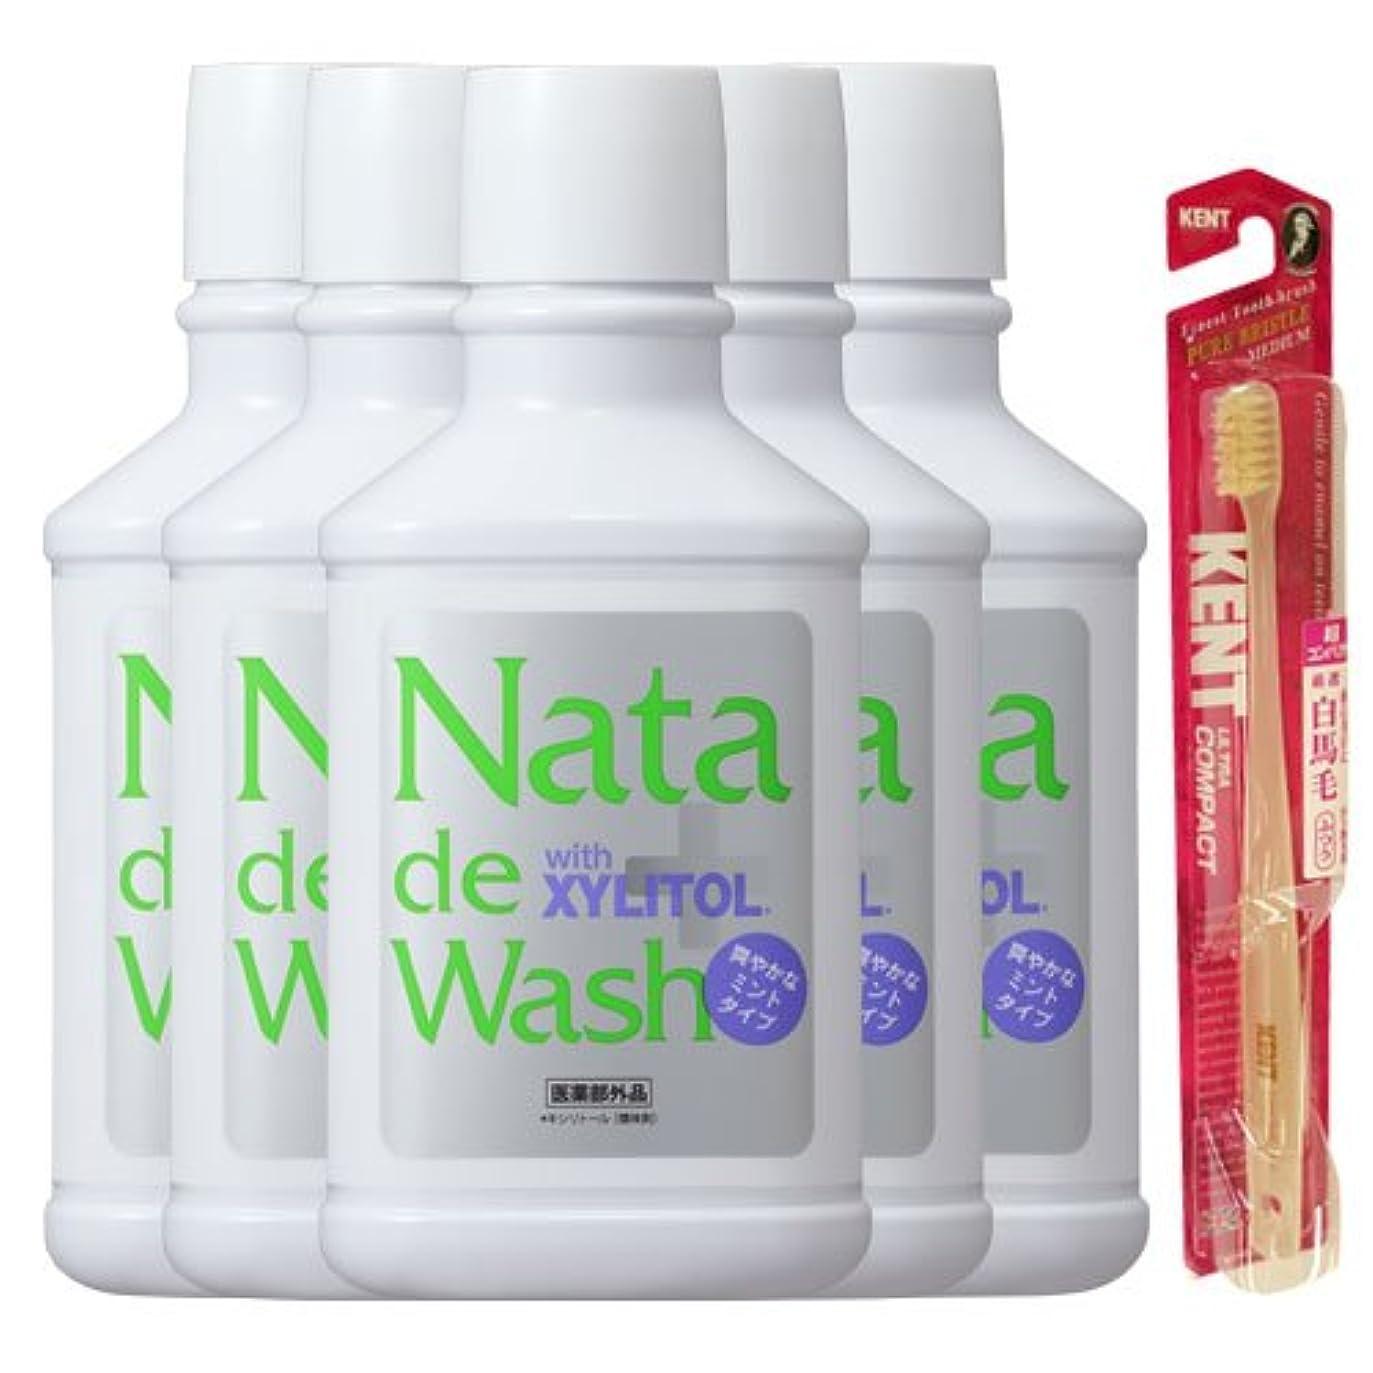 年次目的内なる薬用ナタデウォッシュ 爽やかなミントタイプ 500ml 5本& KENT歯ブラシ1本プレゼント